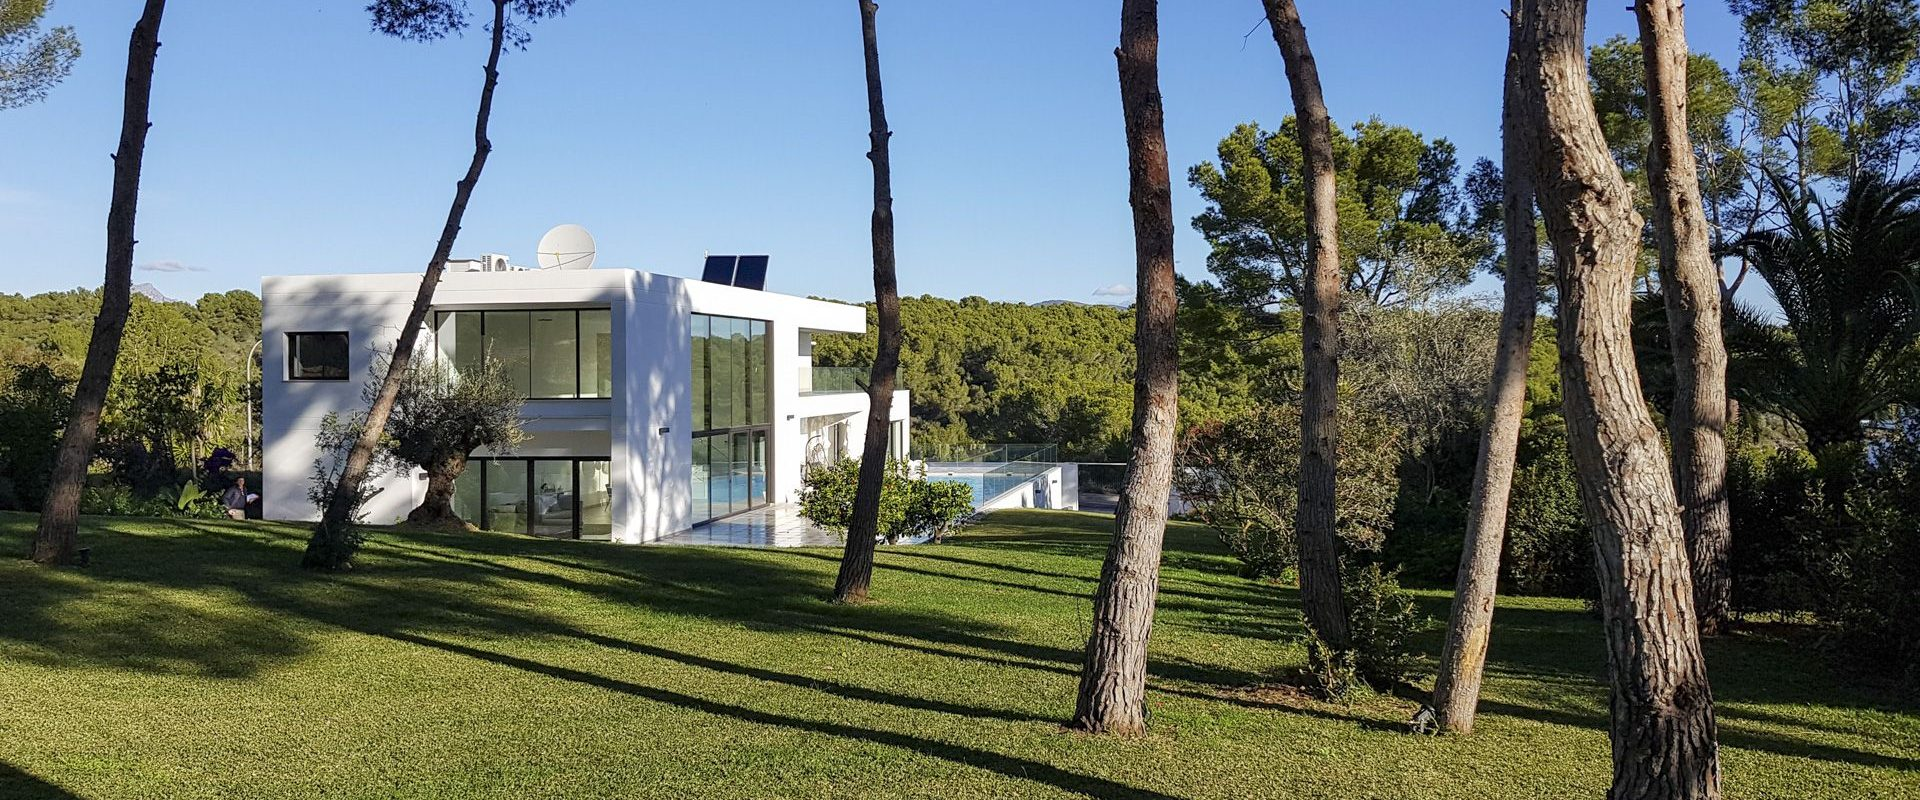 Estudio de arquitectura Mallorca